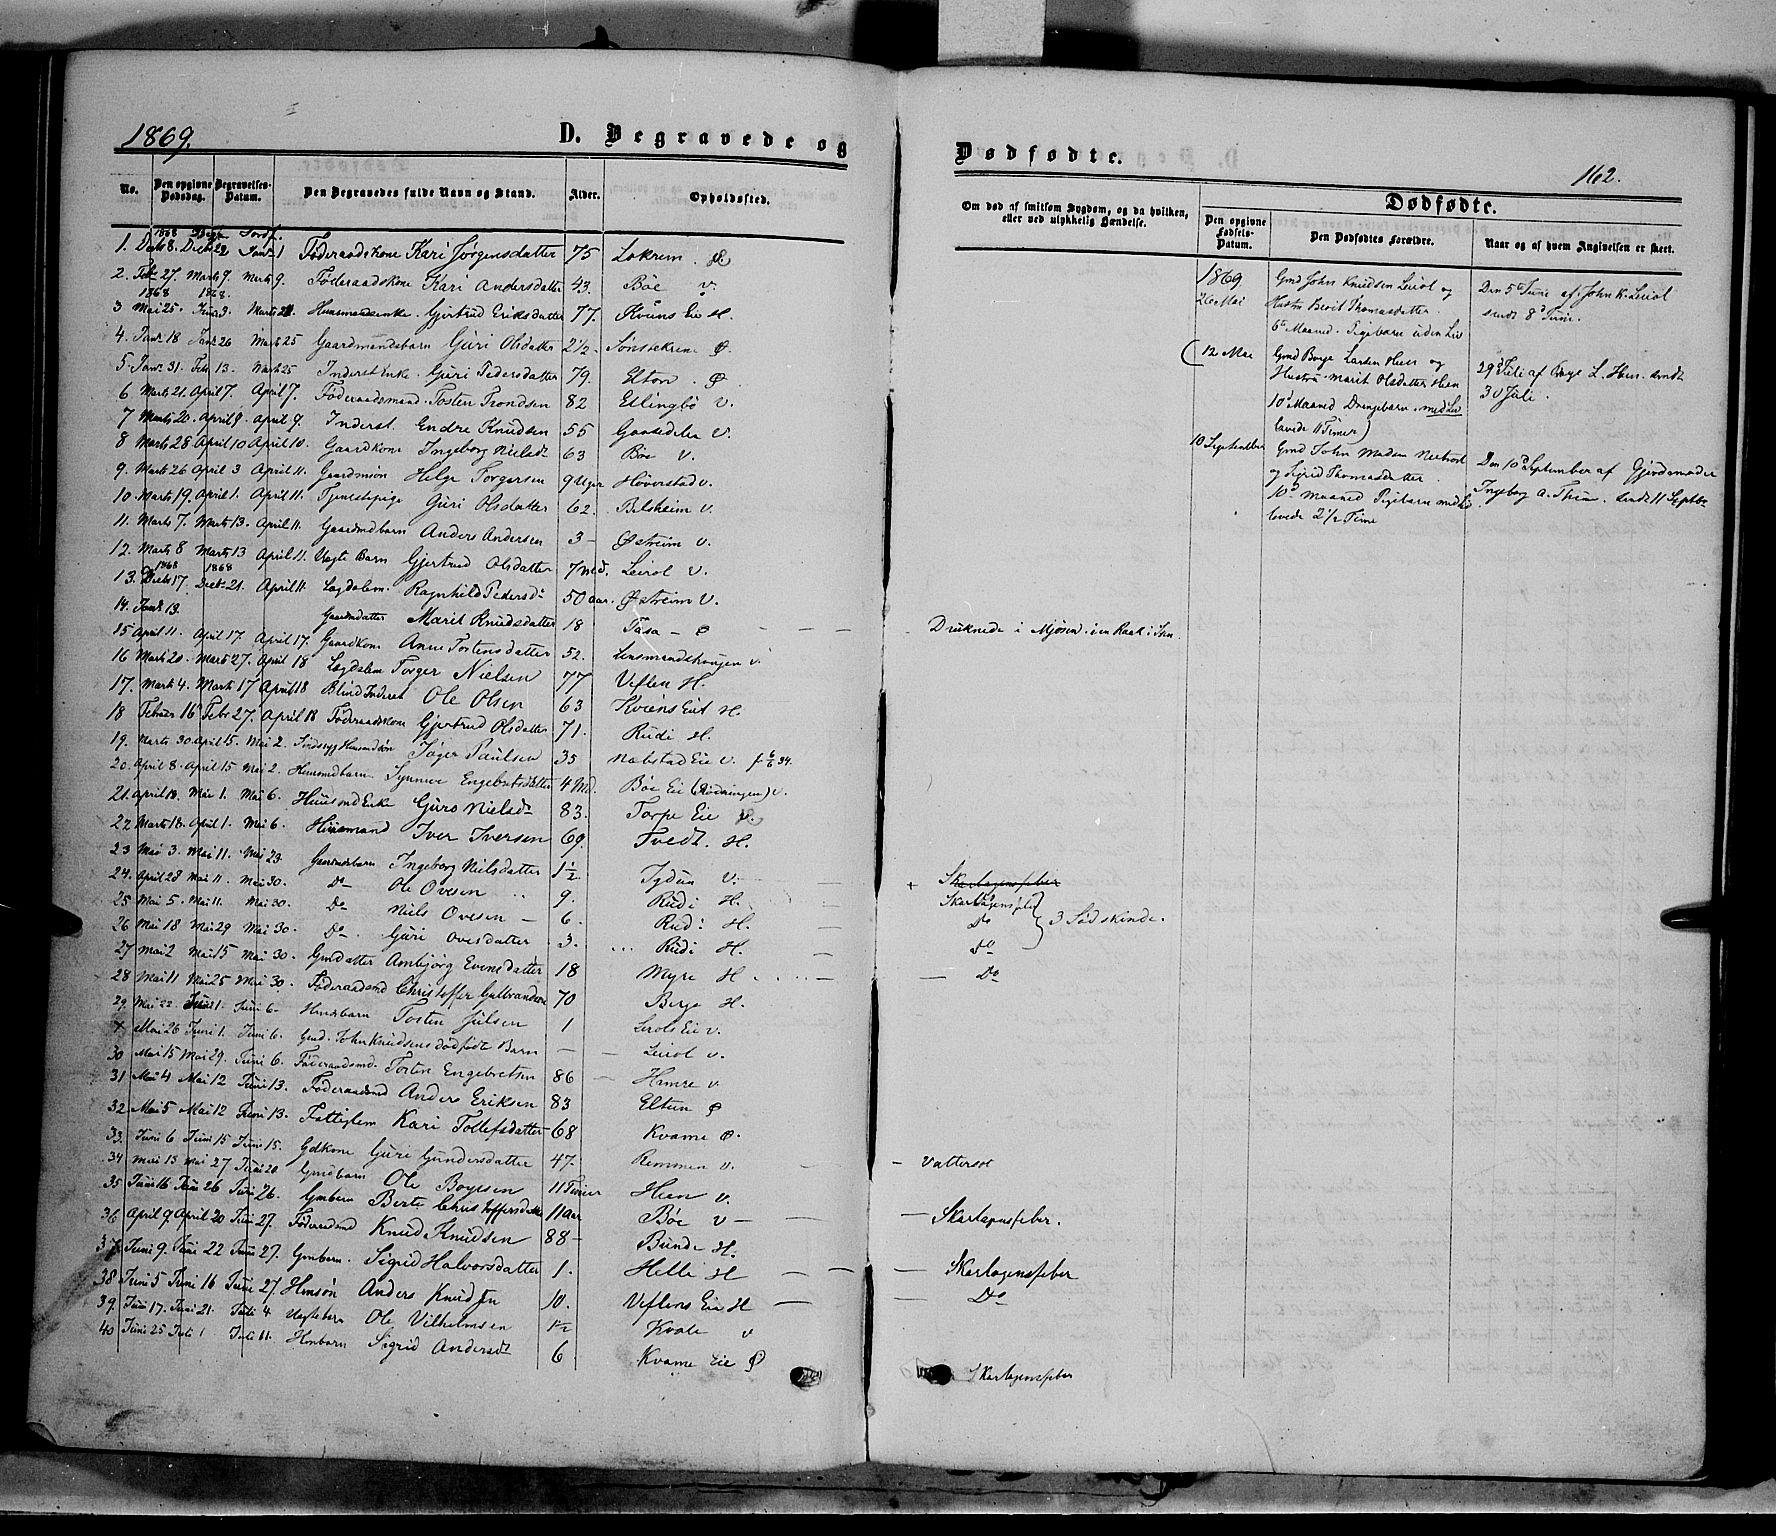 SAH, Vang prestekontor, Valdres, Ministerialbok nr. 7, 1865-1881, s. 162